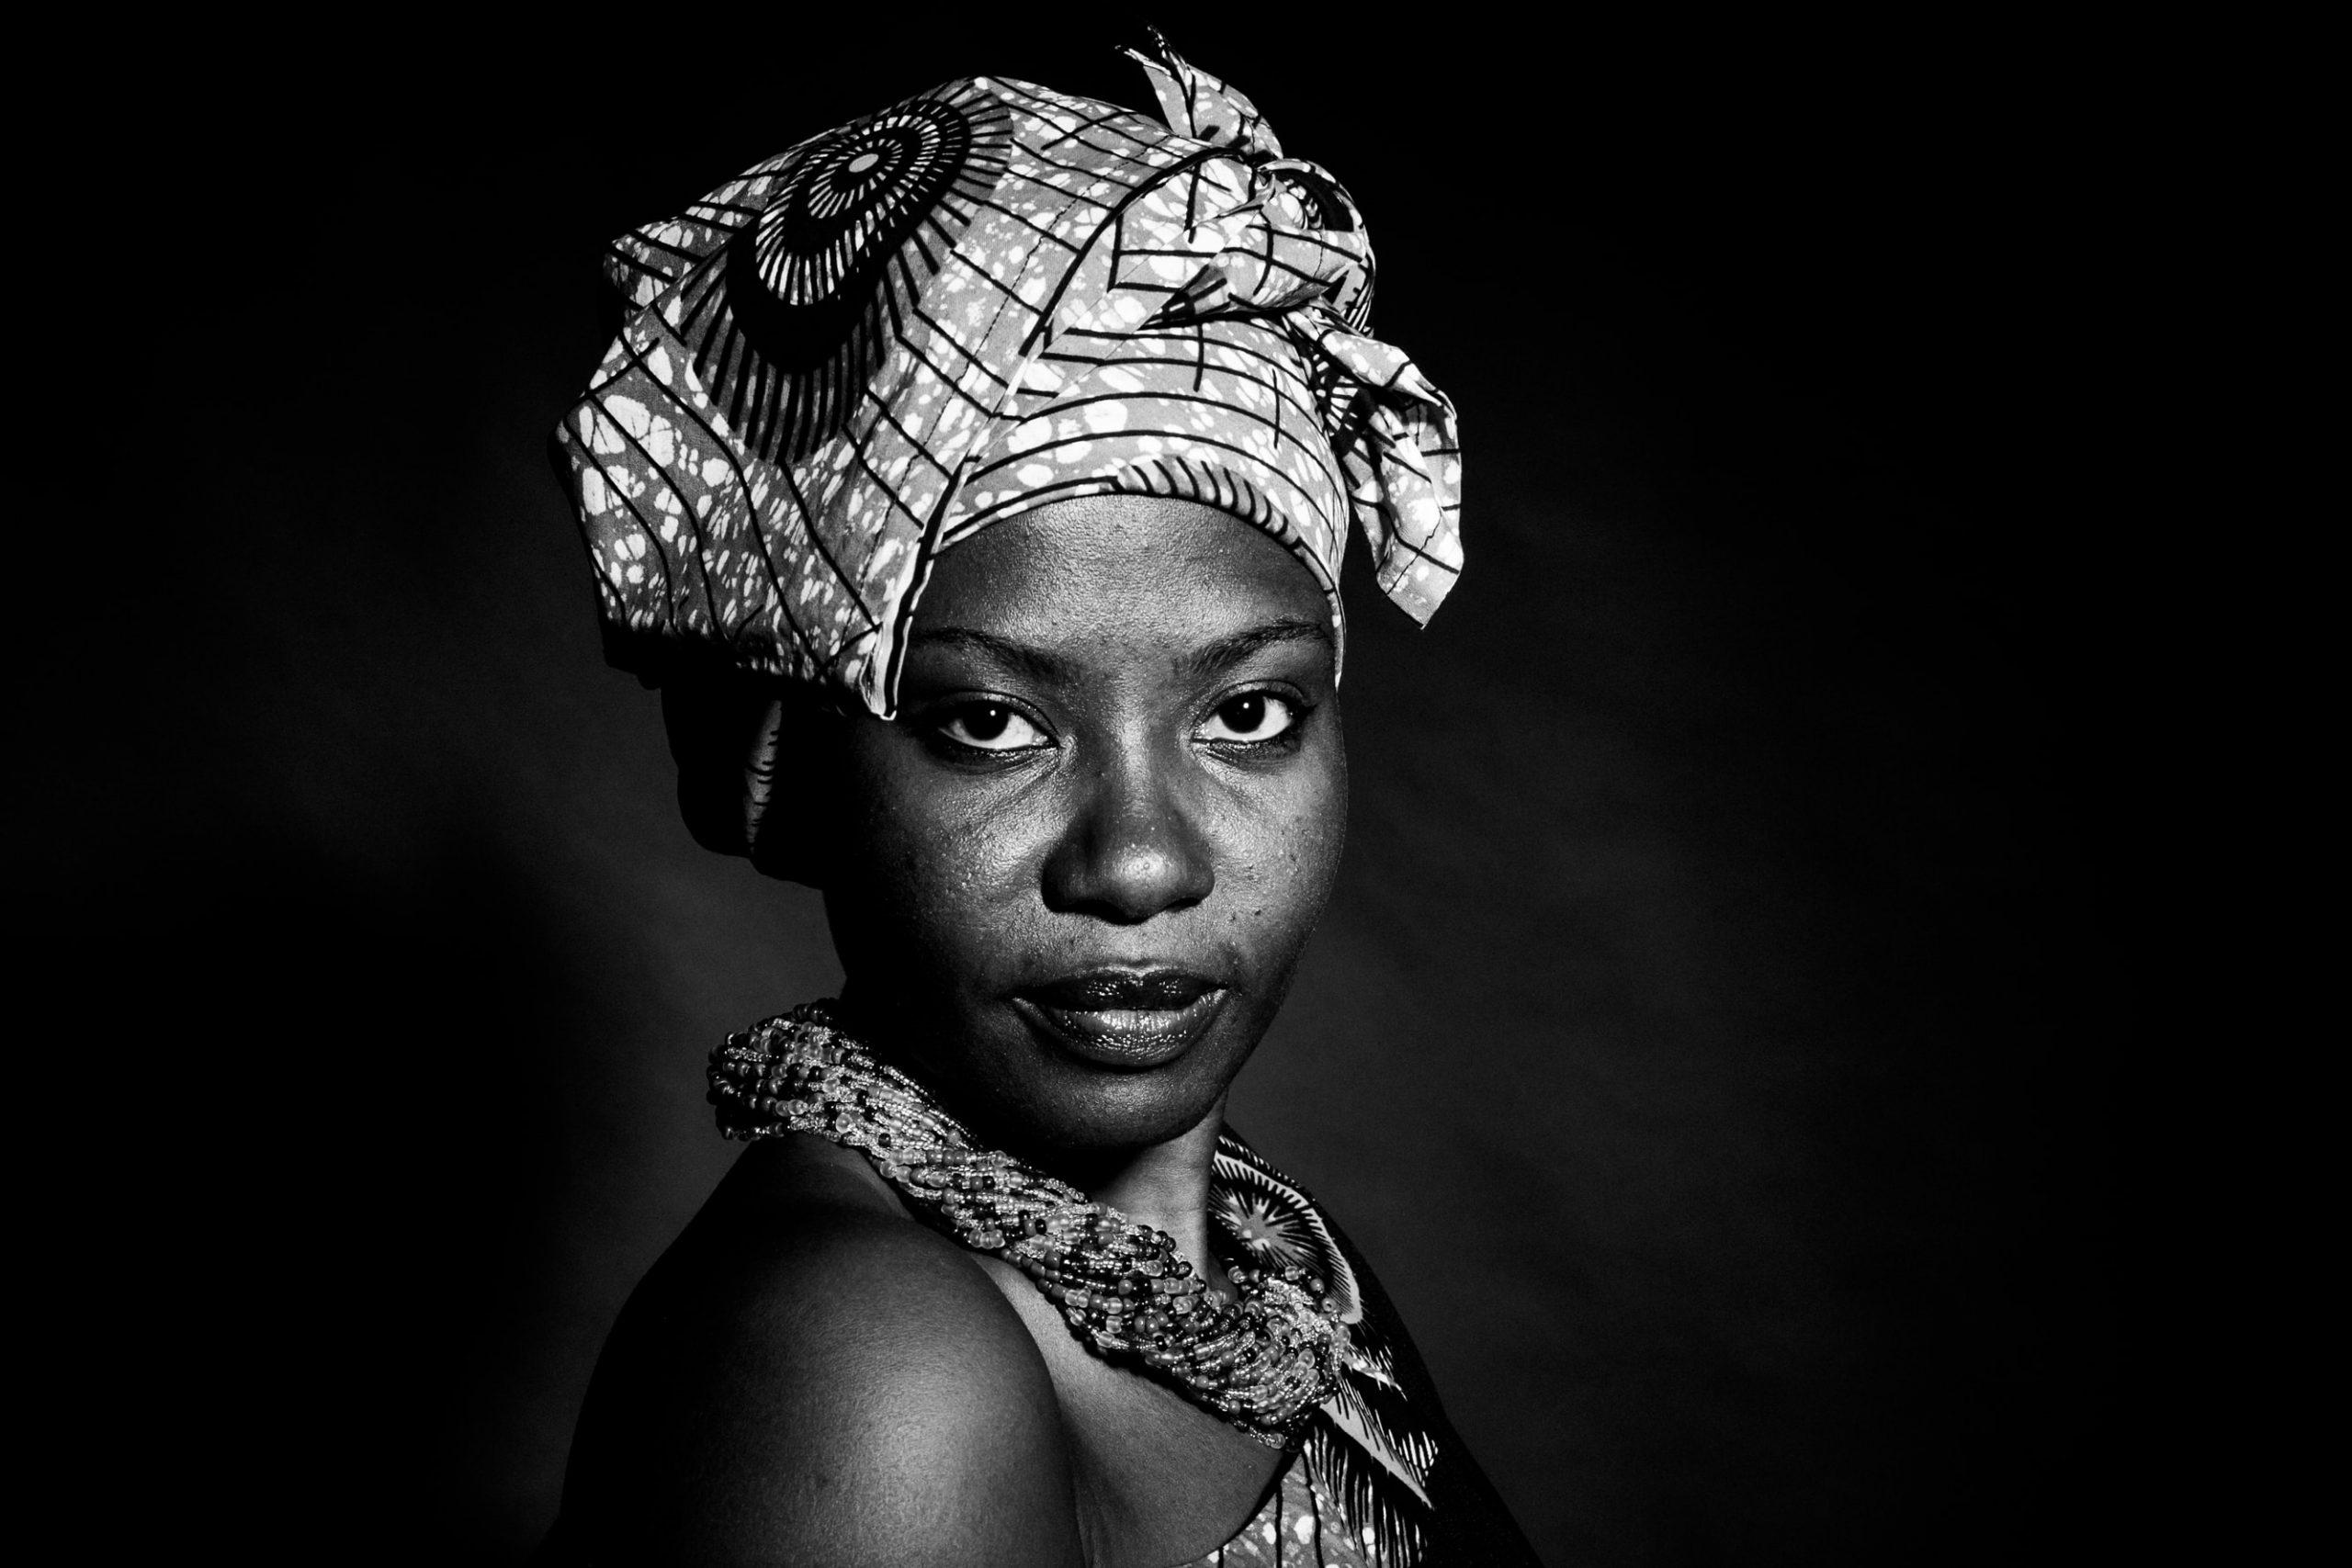 Portrait de femme africaine en noir et blanc